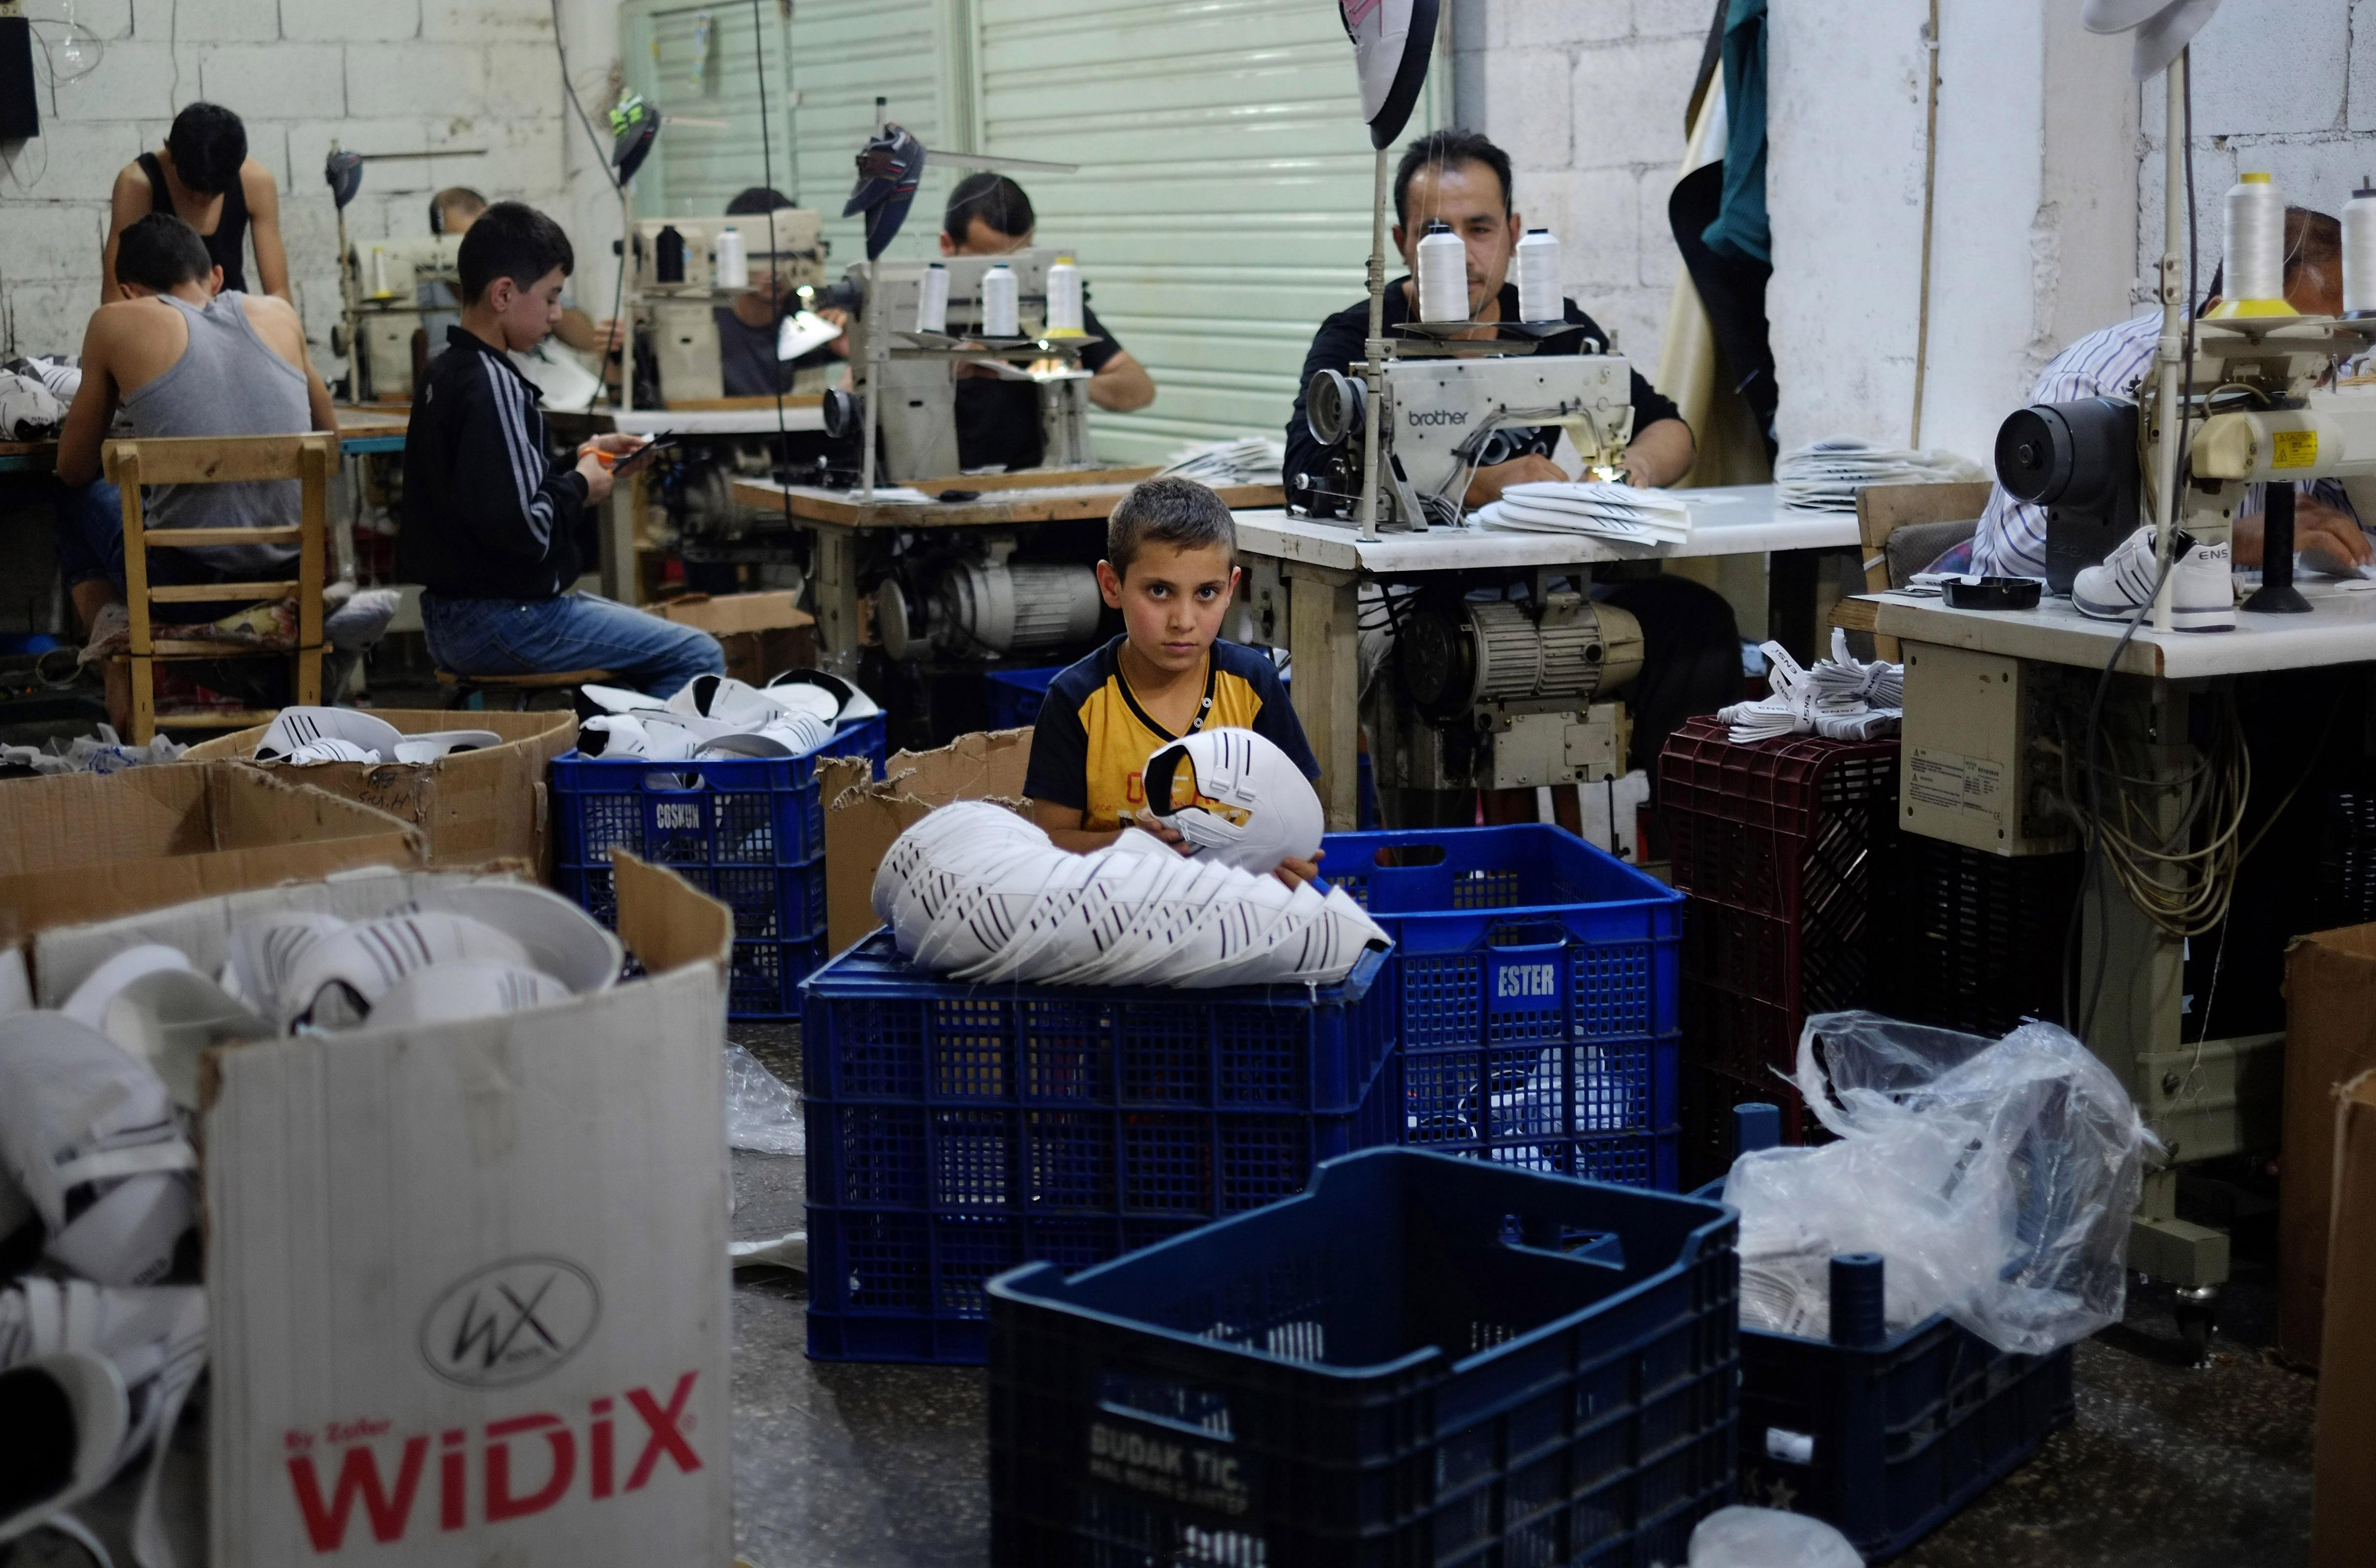 Ο οκτάχρονος Μουσταφά, προσφυγόπουλο από τη Συρία, δουλεύει σε βιοτεχνία υποδημάτων στο Gaziantep, ΝΑ Τουρκία, © Λευτέρης Πιταράκης/Associated Press